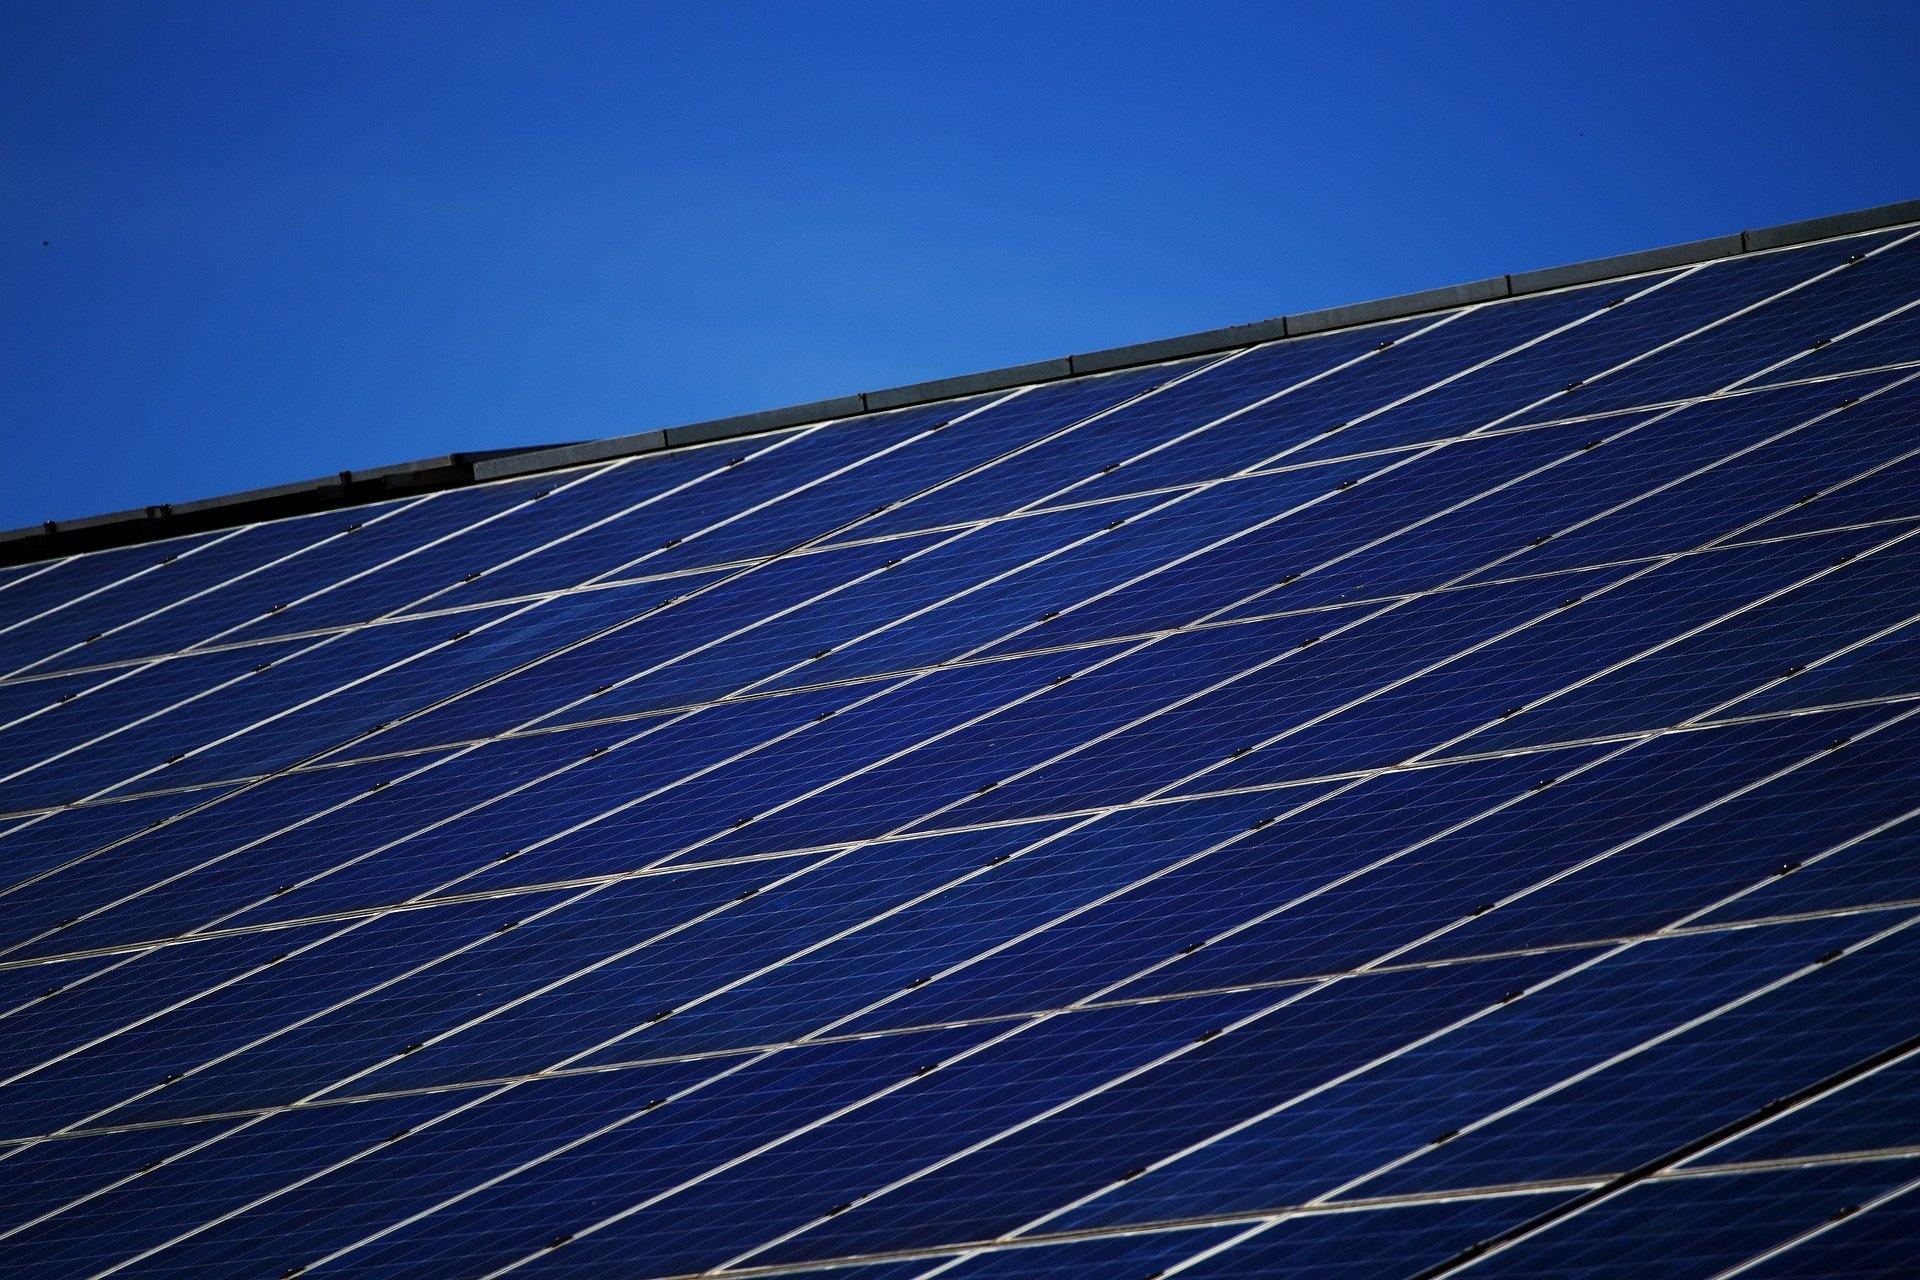 Solar Panels, Solar, Solar PV, Renewables, YSG Solar